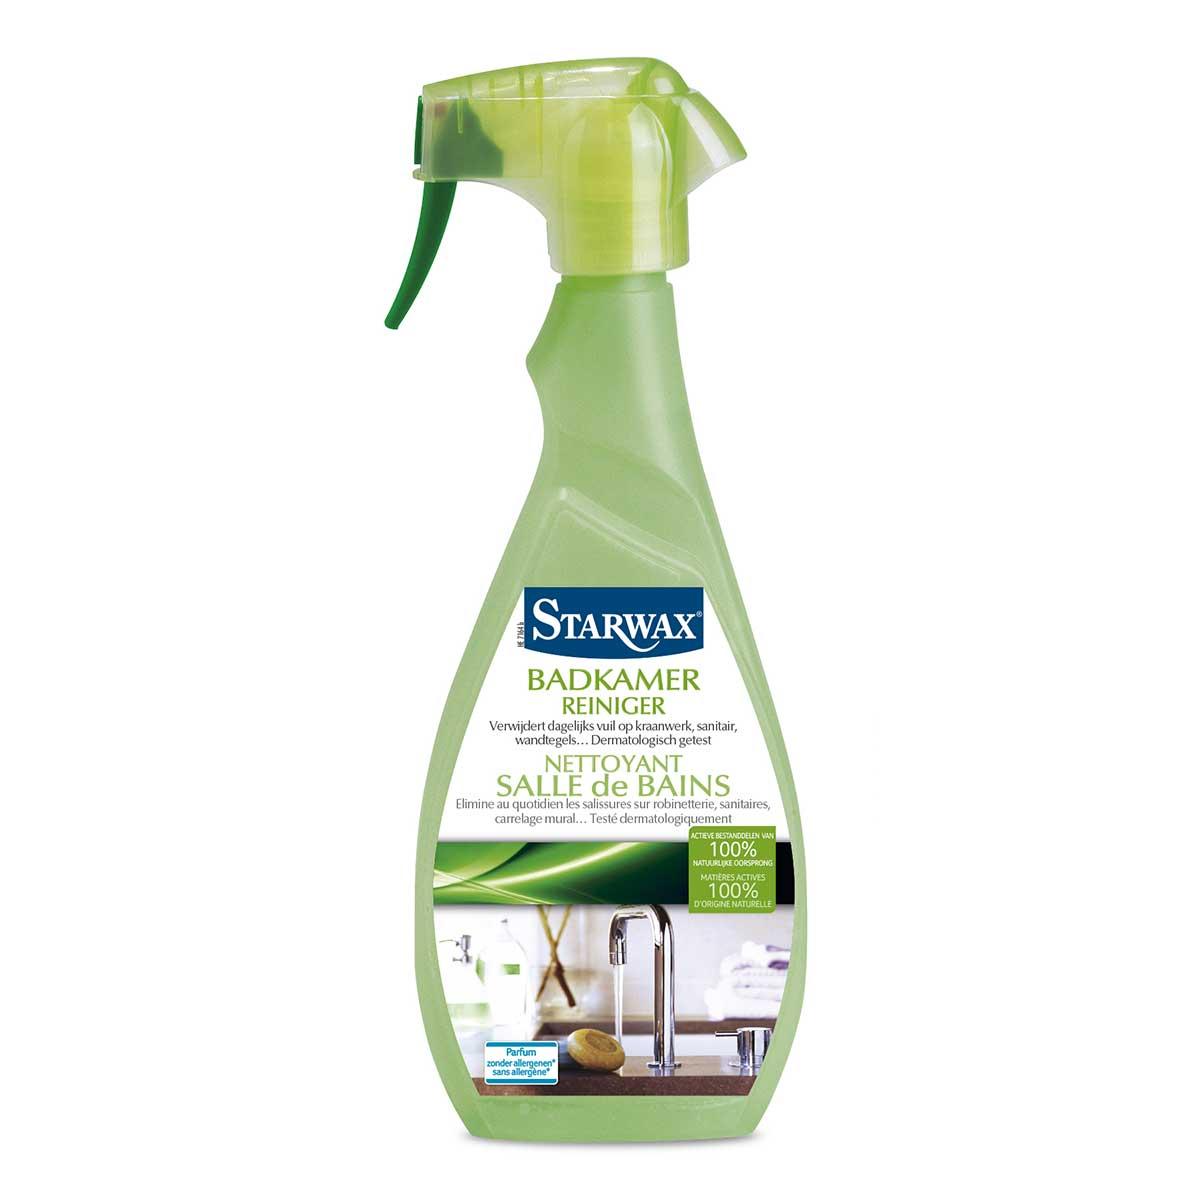 Nettoyant salle de bains avec mati res actives 100 d 39 origine naturelle starwax entretien maison - Salle de bain naturelle ...